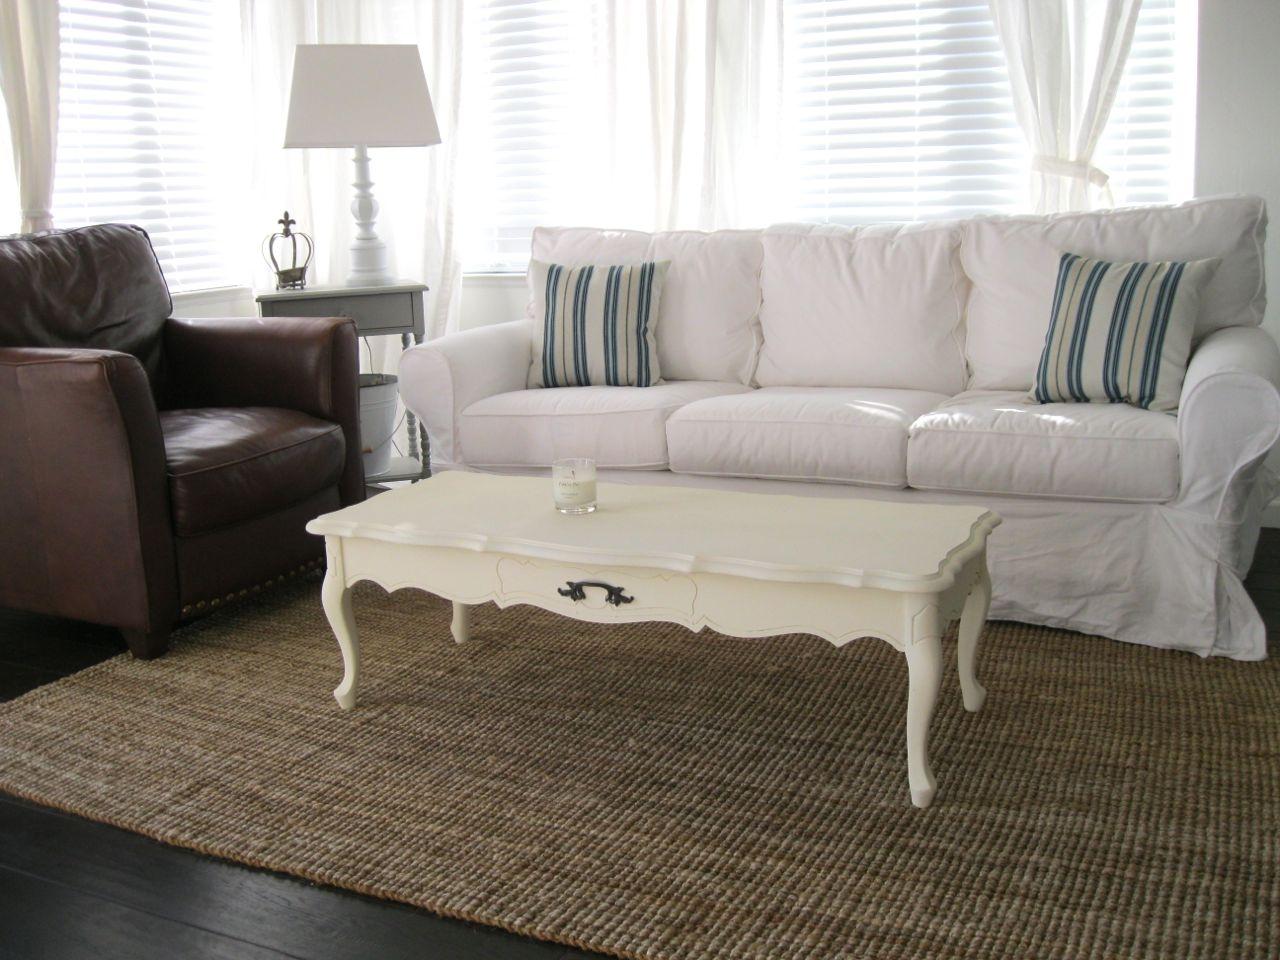 White Slipcovered Sofa For Nice Living Room Homesfeed